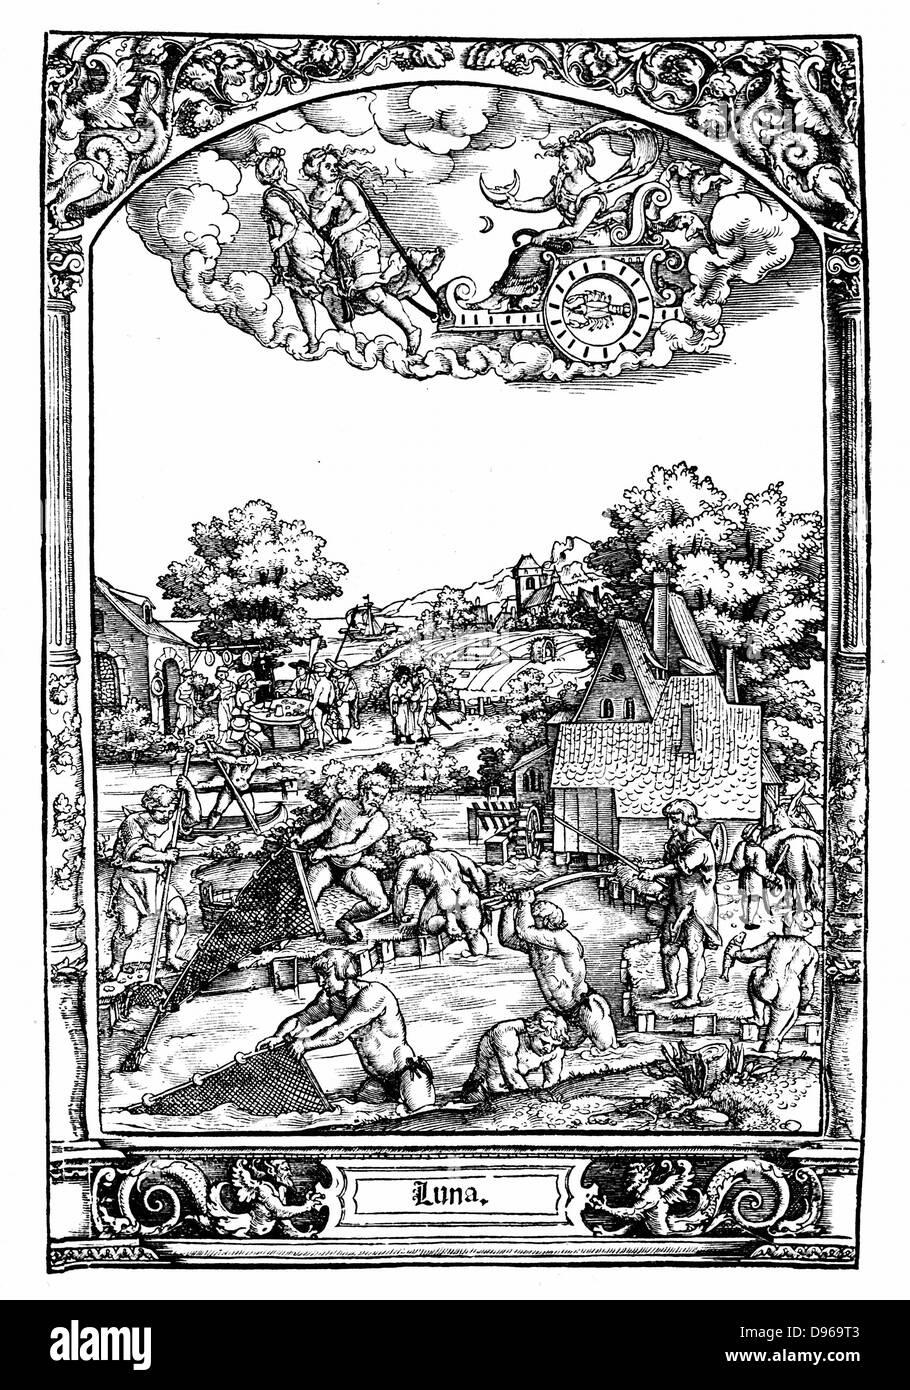 Luna: aus Serie von 1531 von Hans Sebold Beham (1500-50) ausgeführt. Weibliche Planeten, feucht und kalt. Die Stockbild